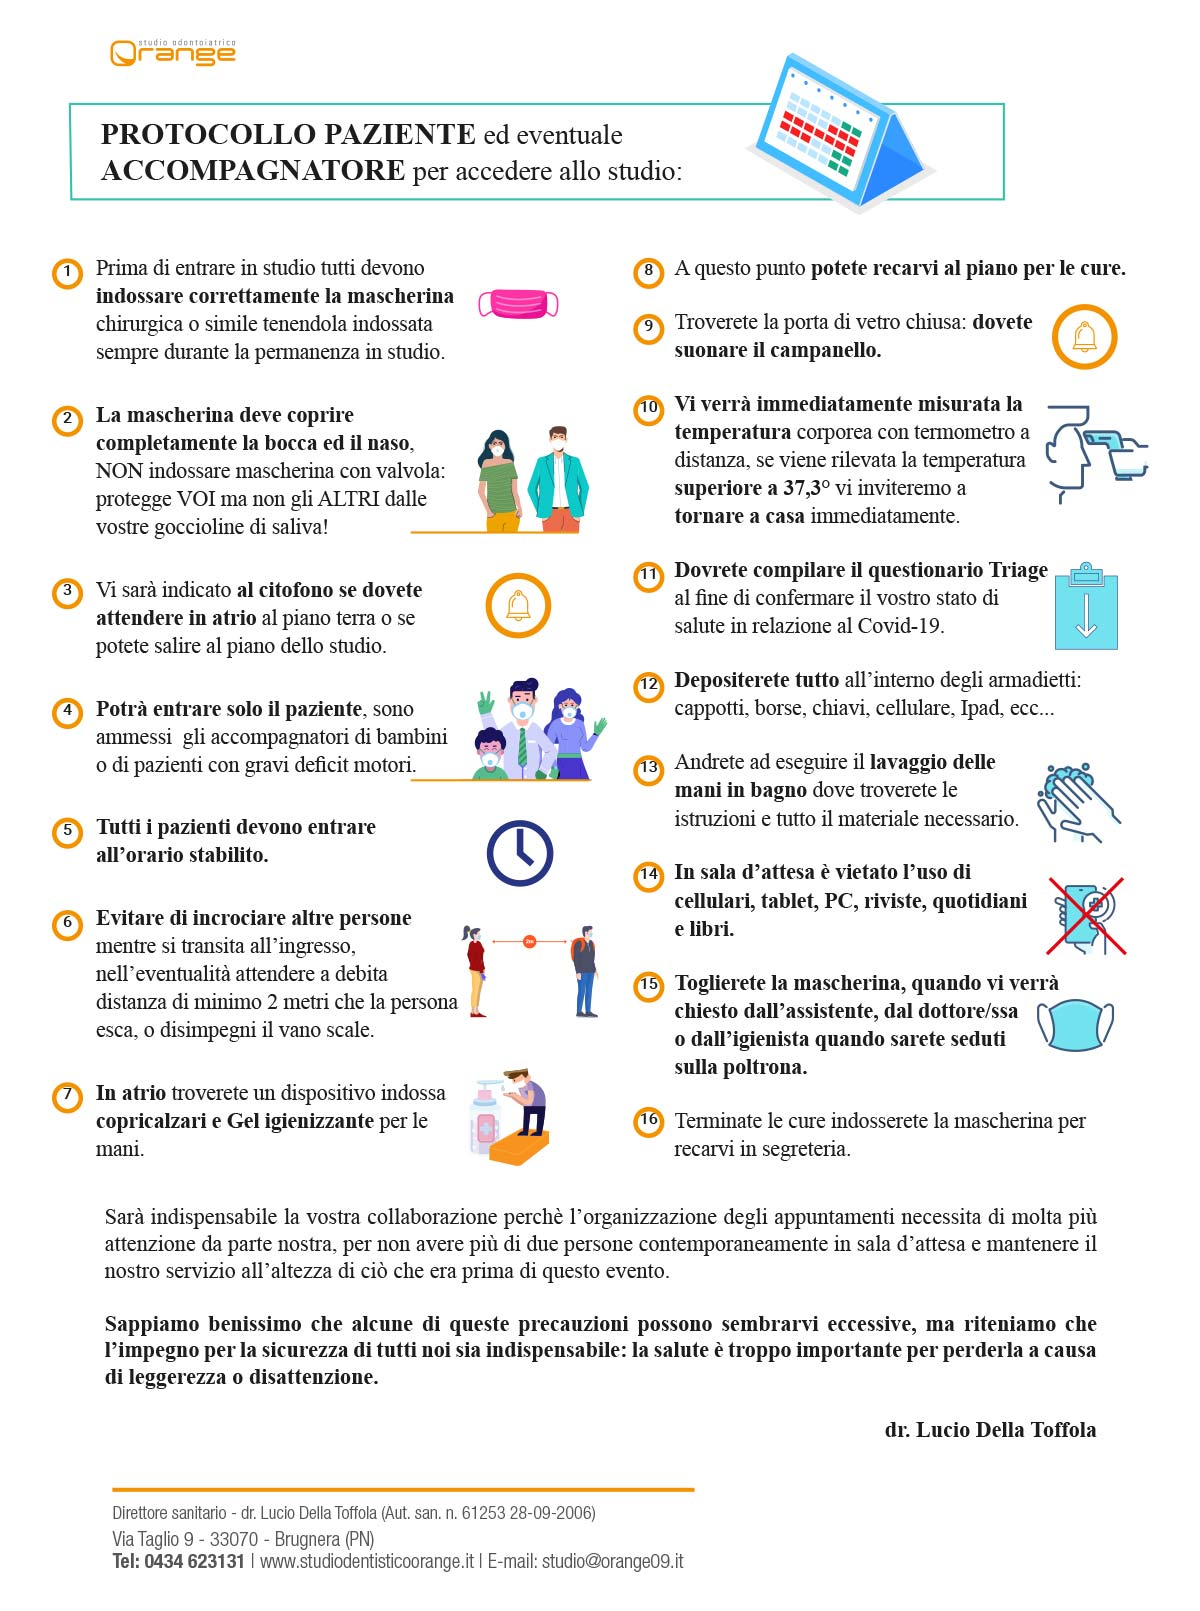 protocollo paziente coronavirus